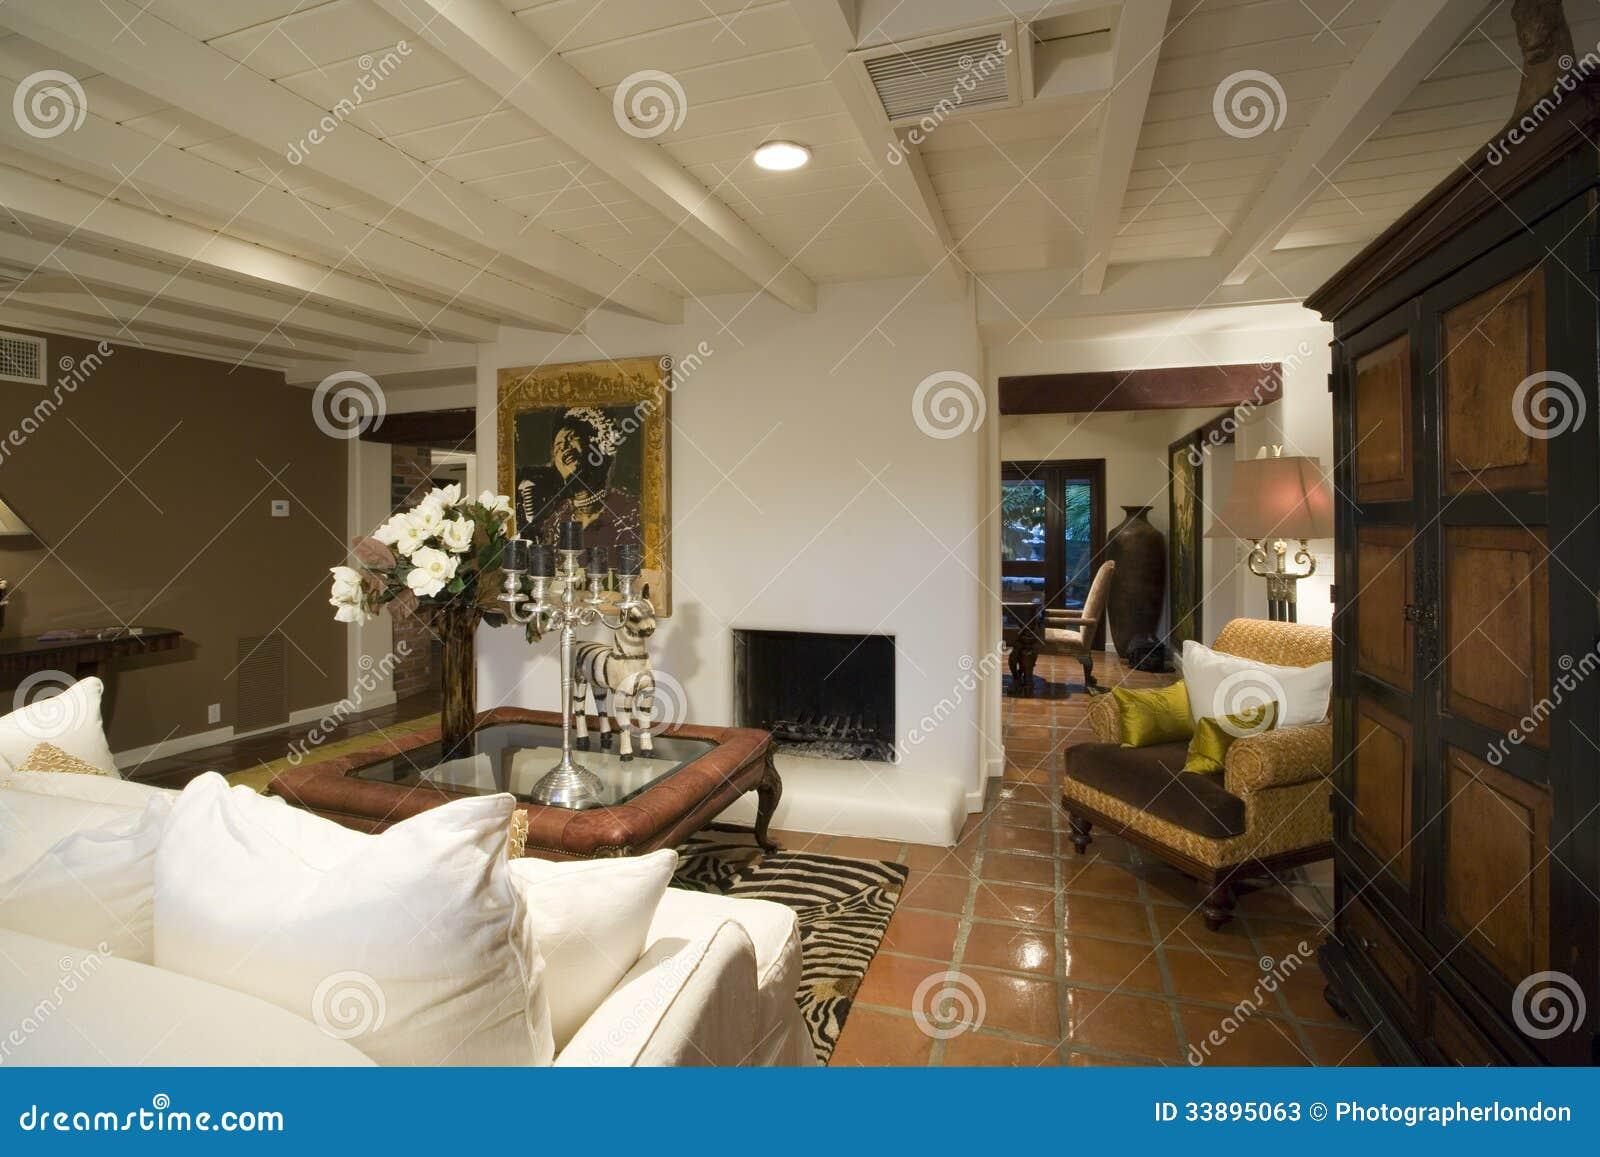 Ouderwetse Woonkamer Binnenshuis Stock Afbeelding - Afbeelding ...